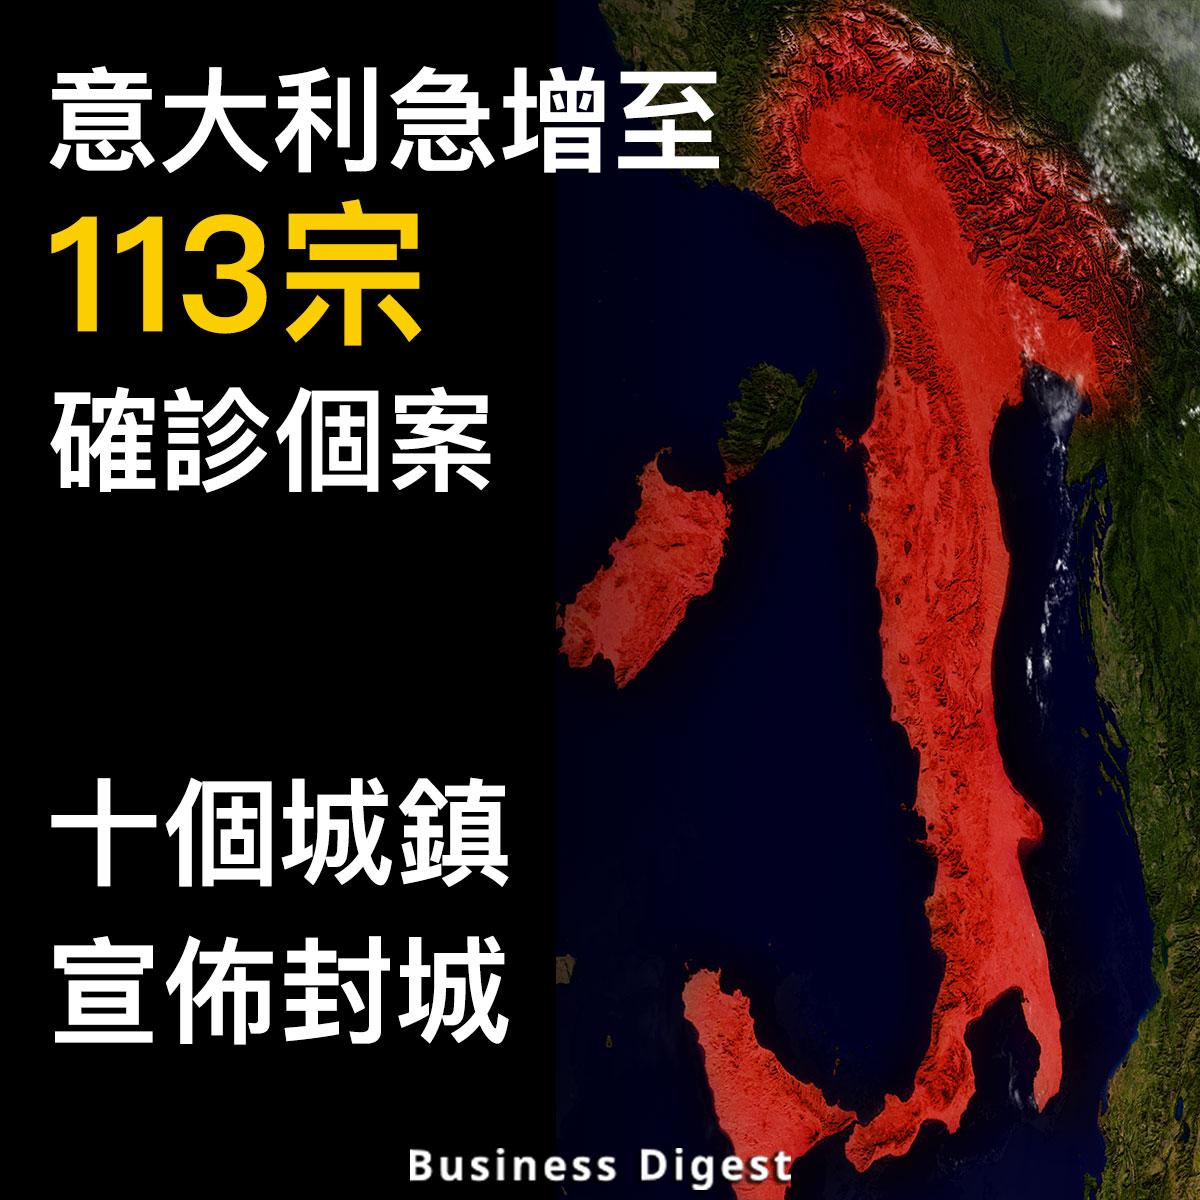 【武漢肺炎】意大利急增至113宗確診個案,十個城鎮宣佈封城